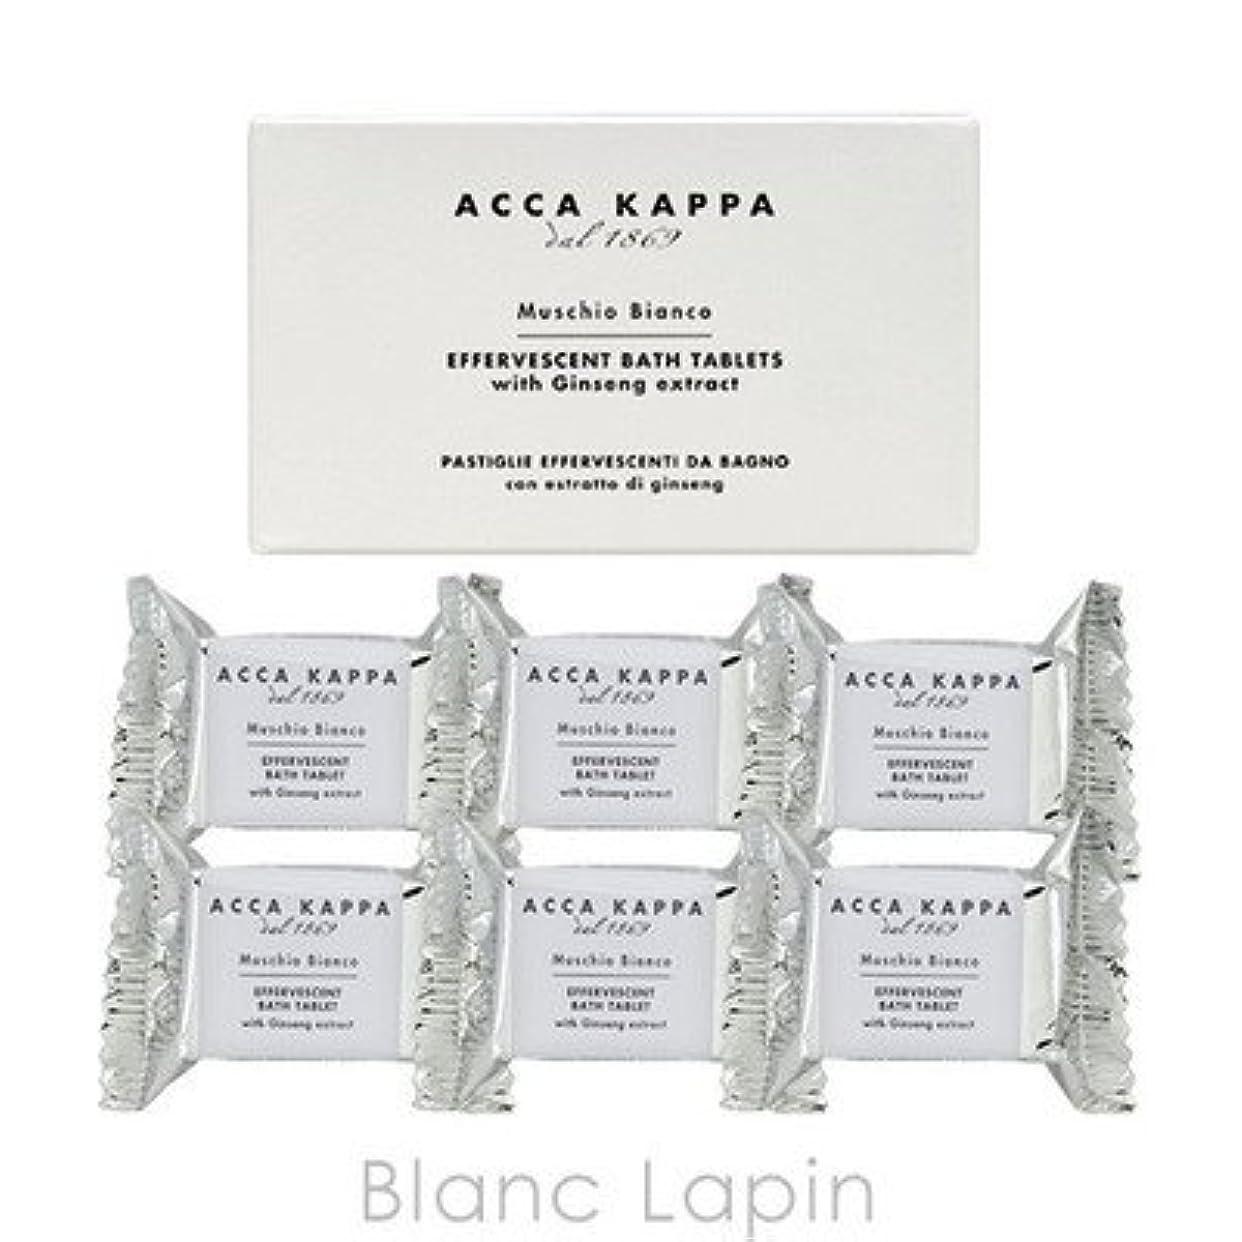 潜在的な石ウィンクacca kappa ホワイトモスバスタブレット 28gx6 [810767] [並行輸入品]